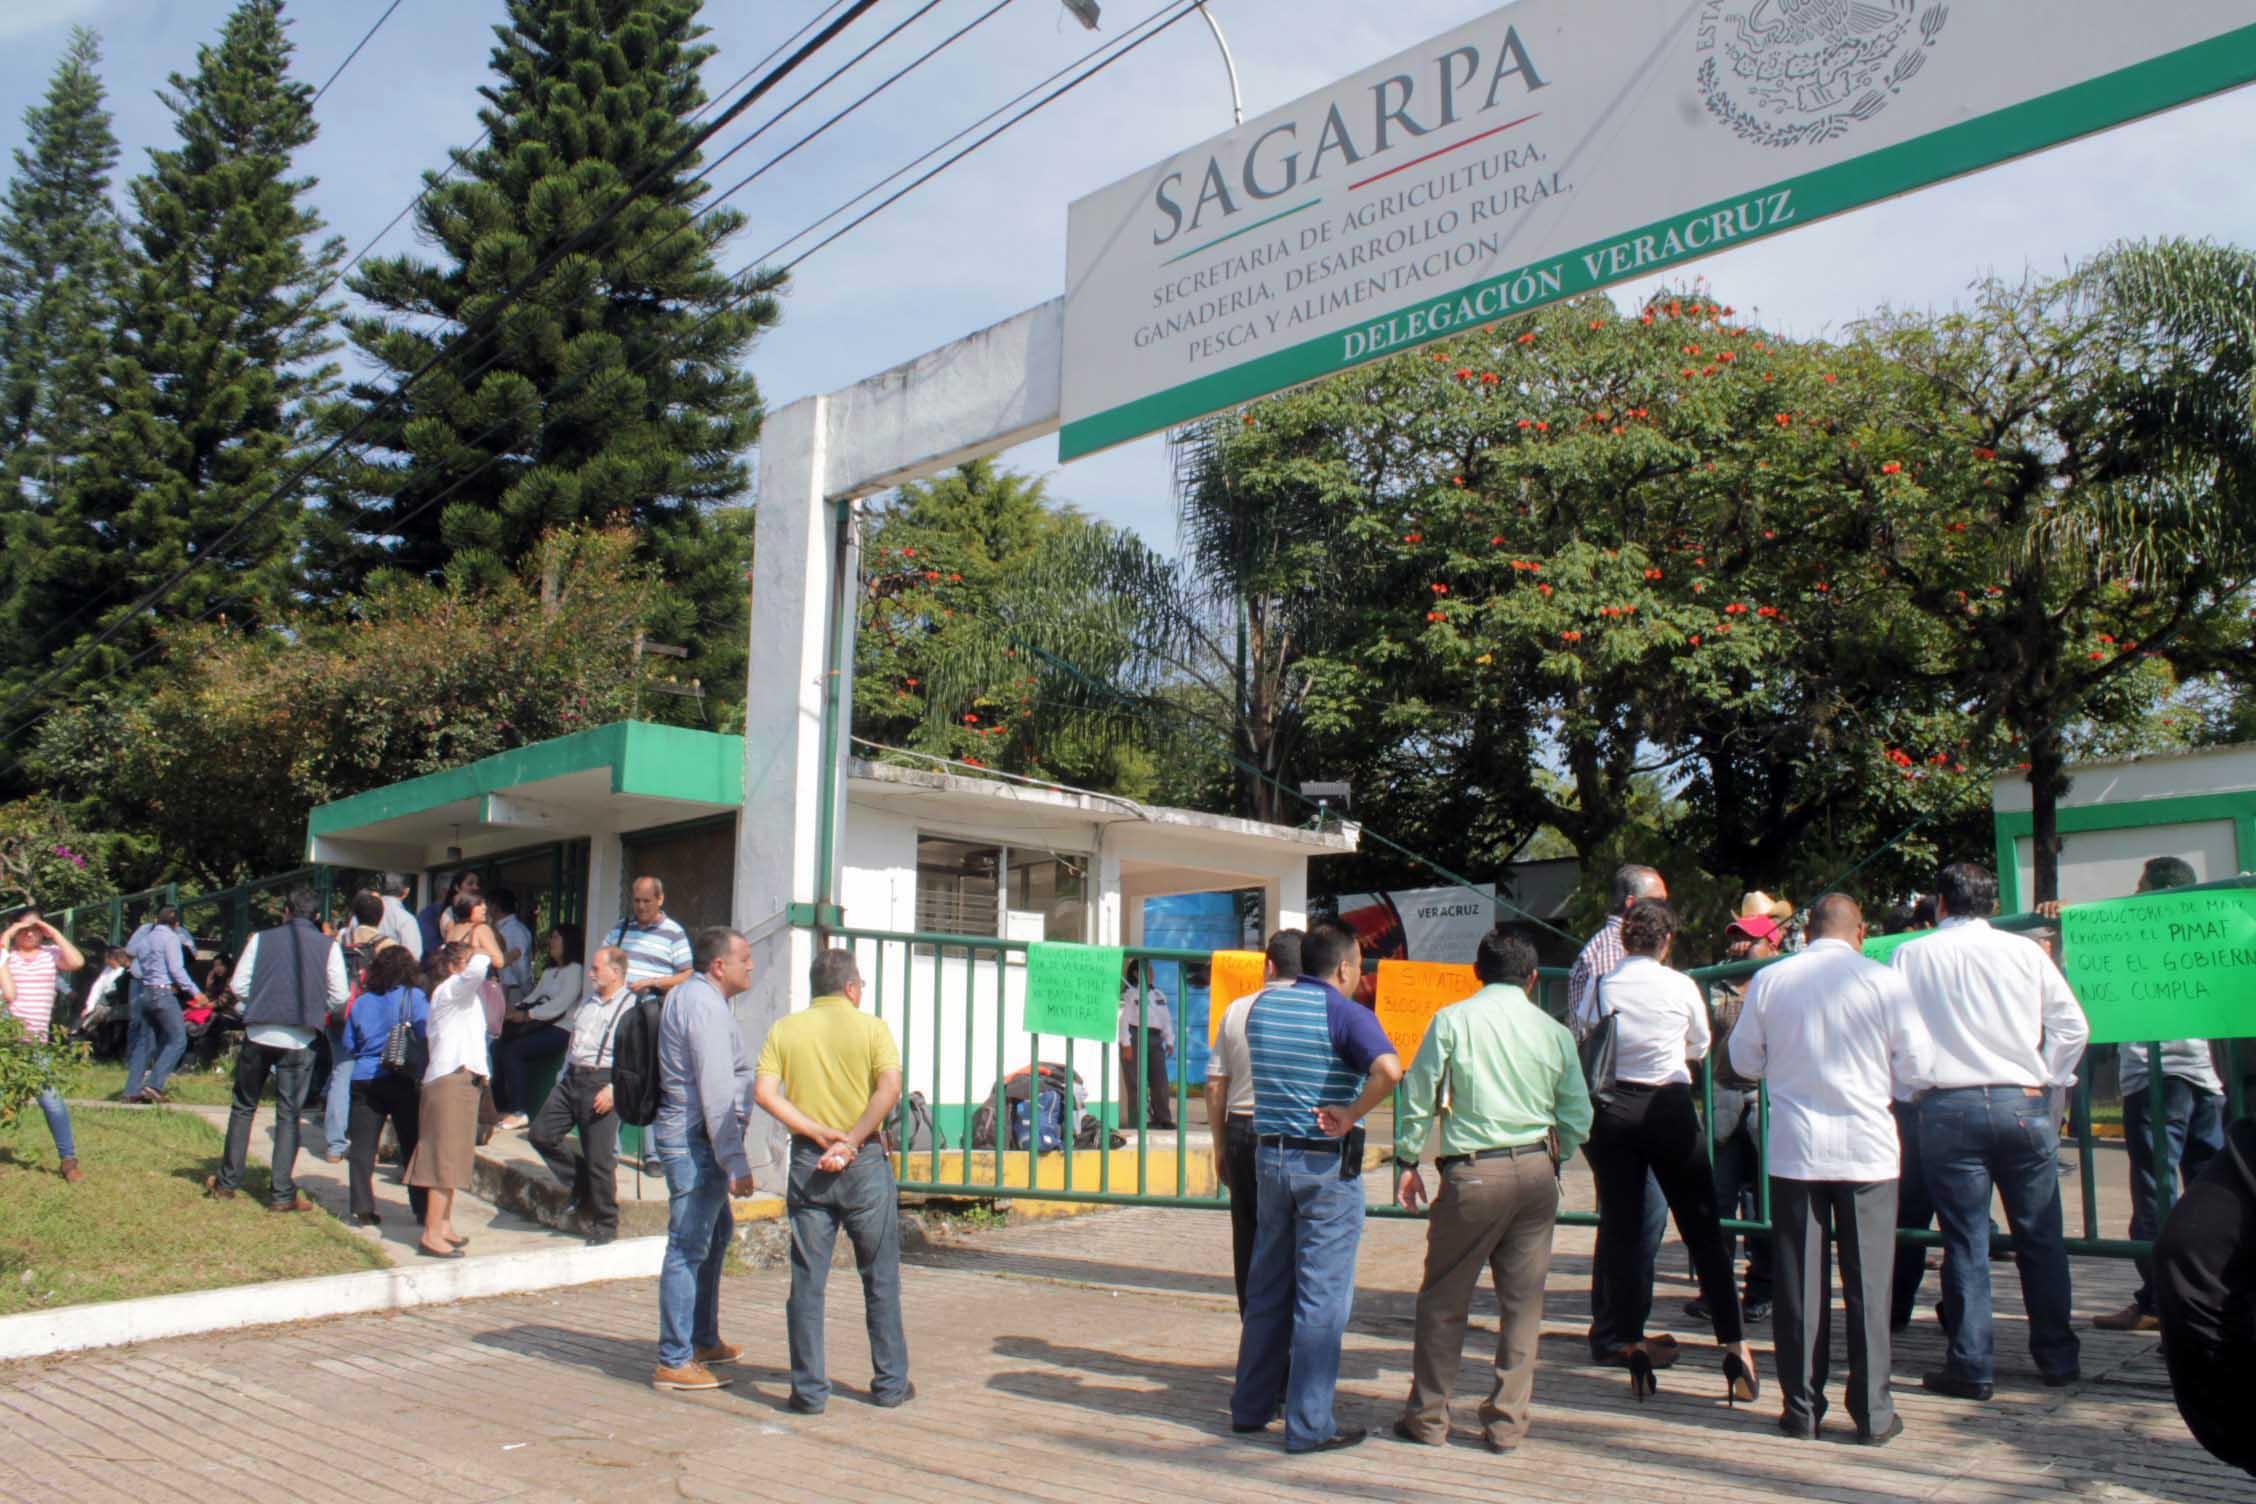 Campesinos veracruzanos protestarán en oficinas de Sagarpa en la capital